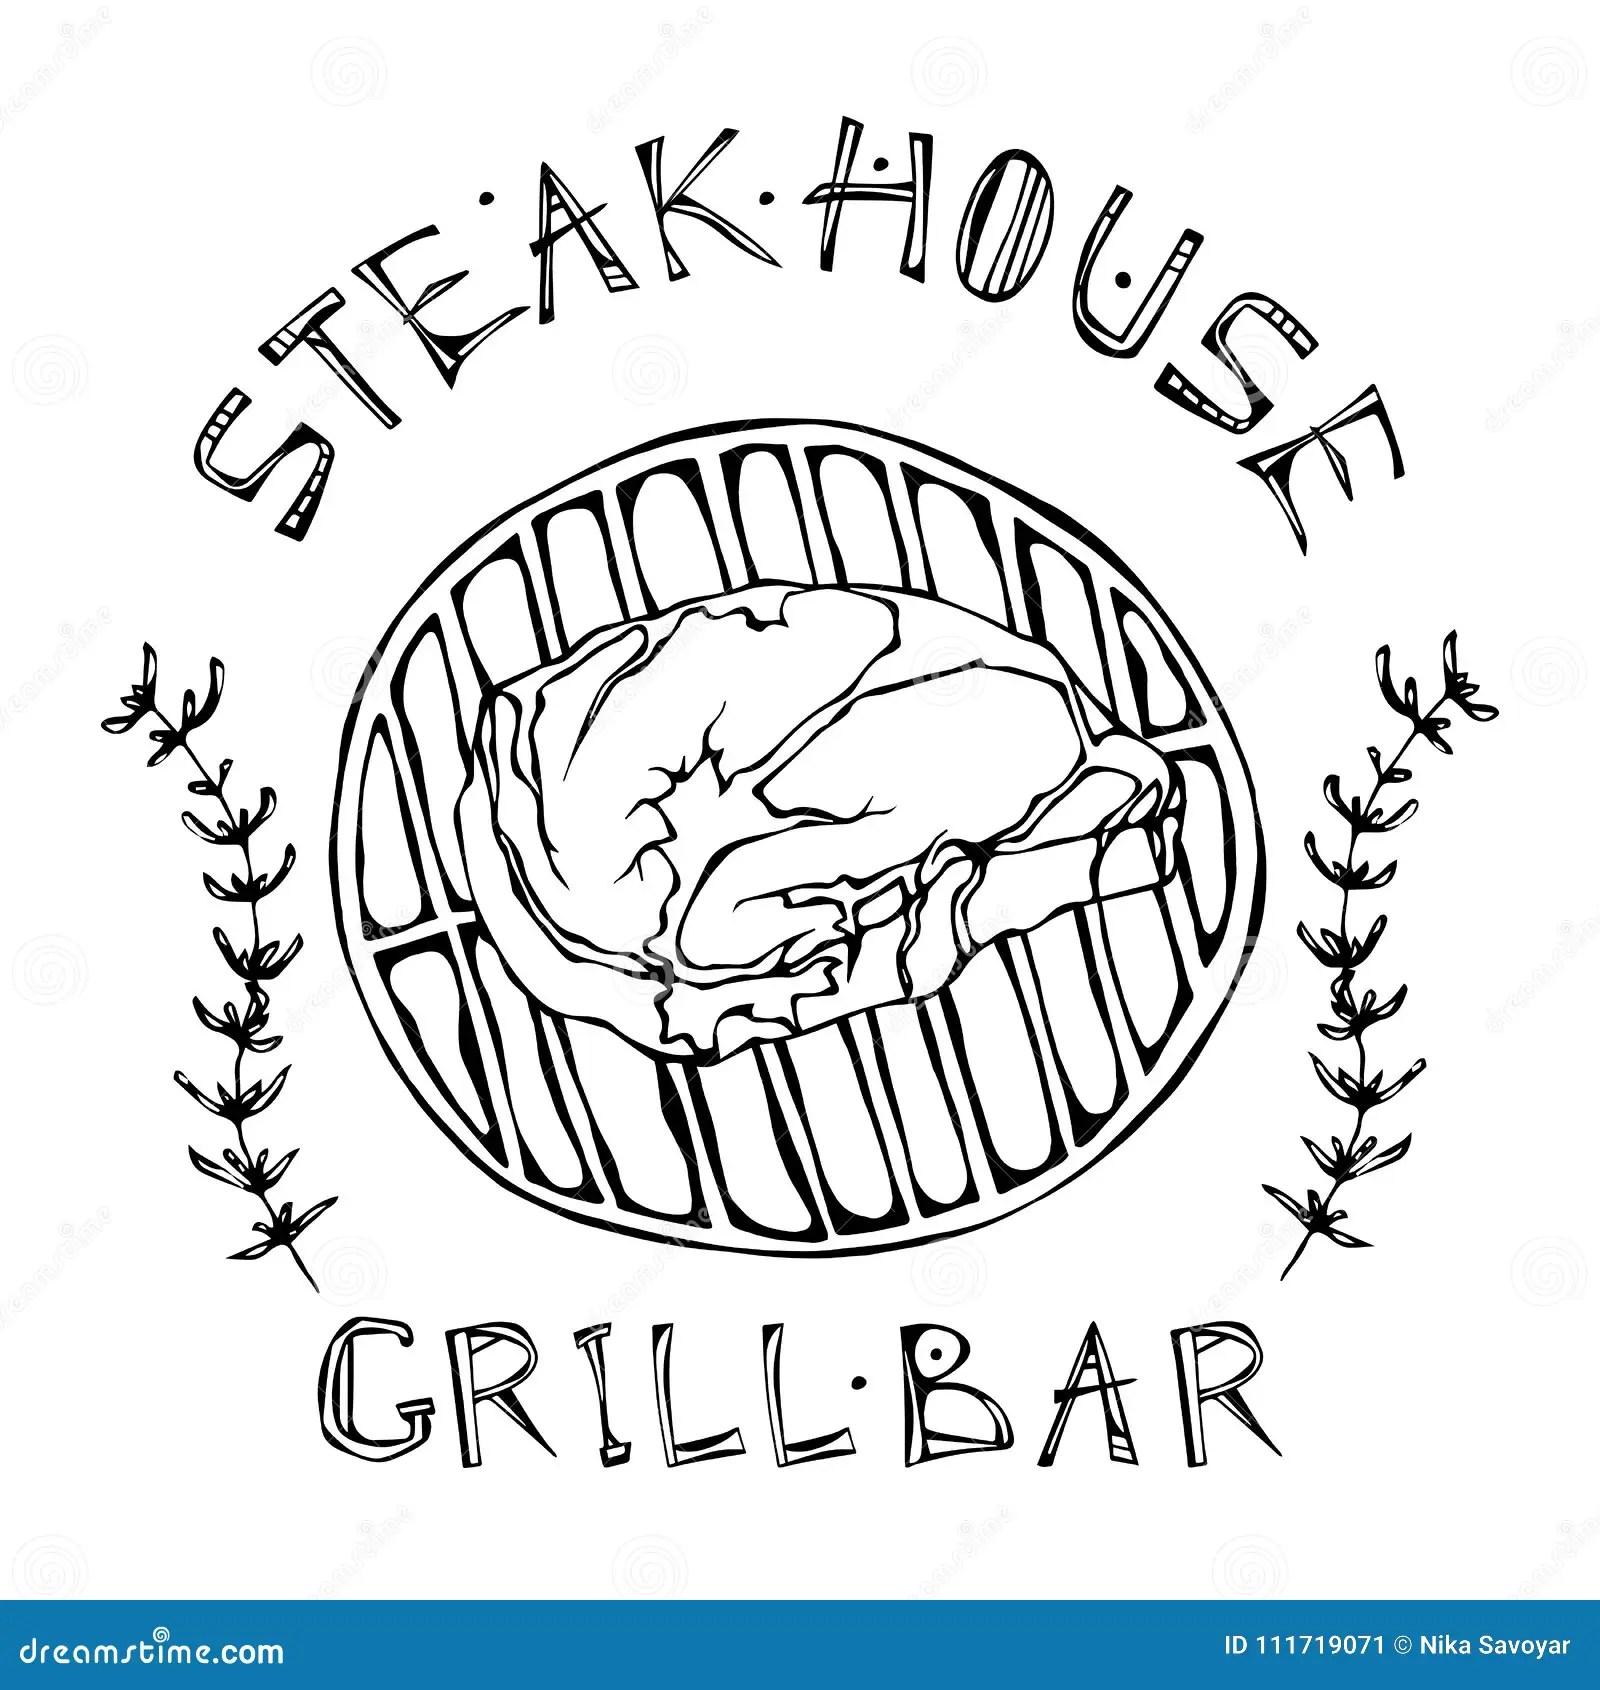 Steak House Or Grill Bar Logo Rib Eye Steak On A Grill